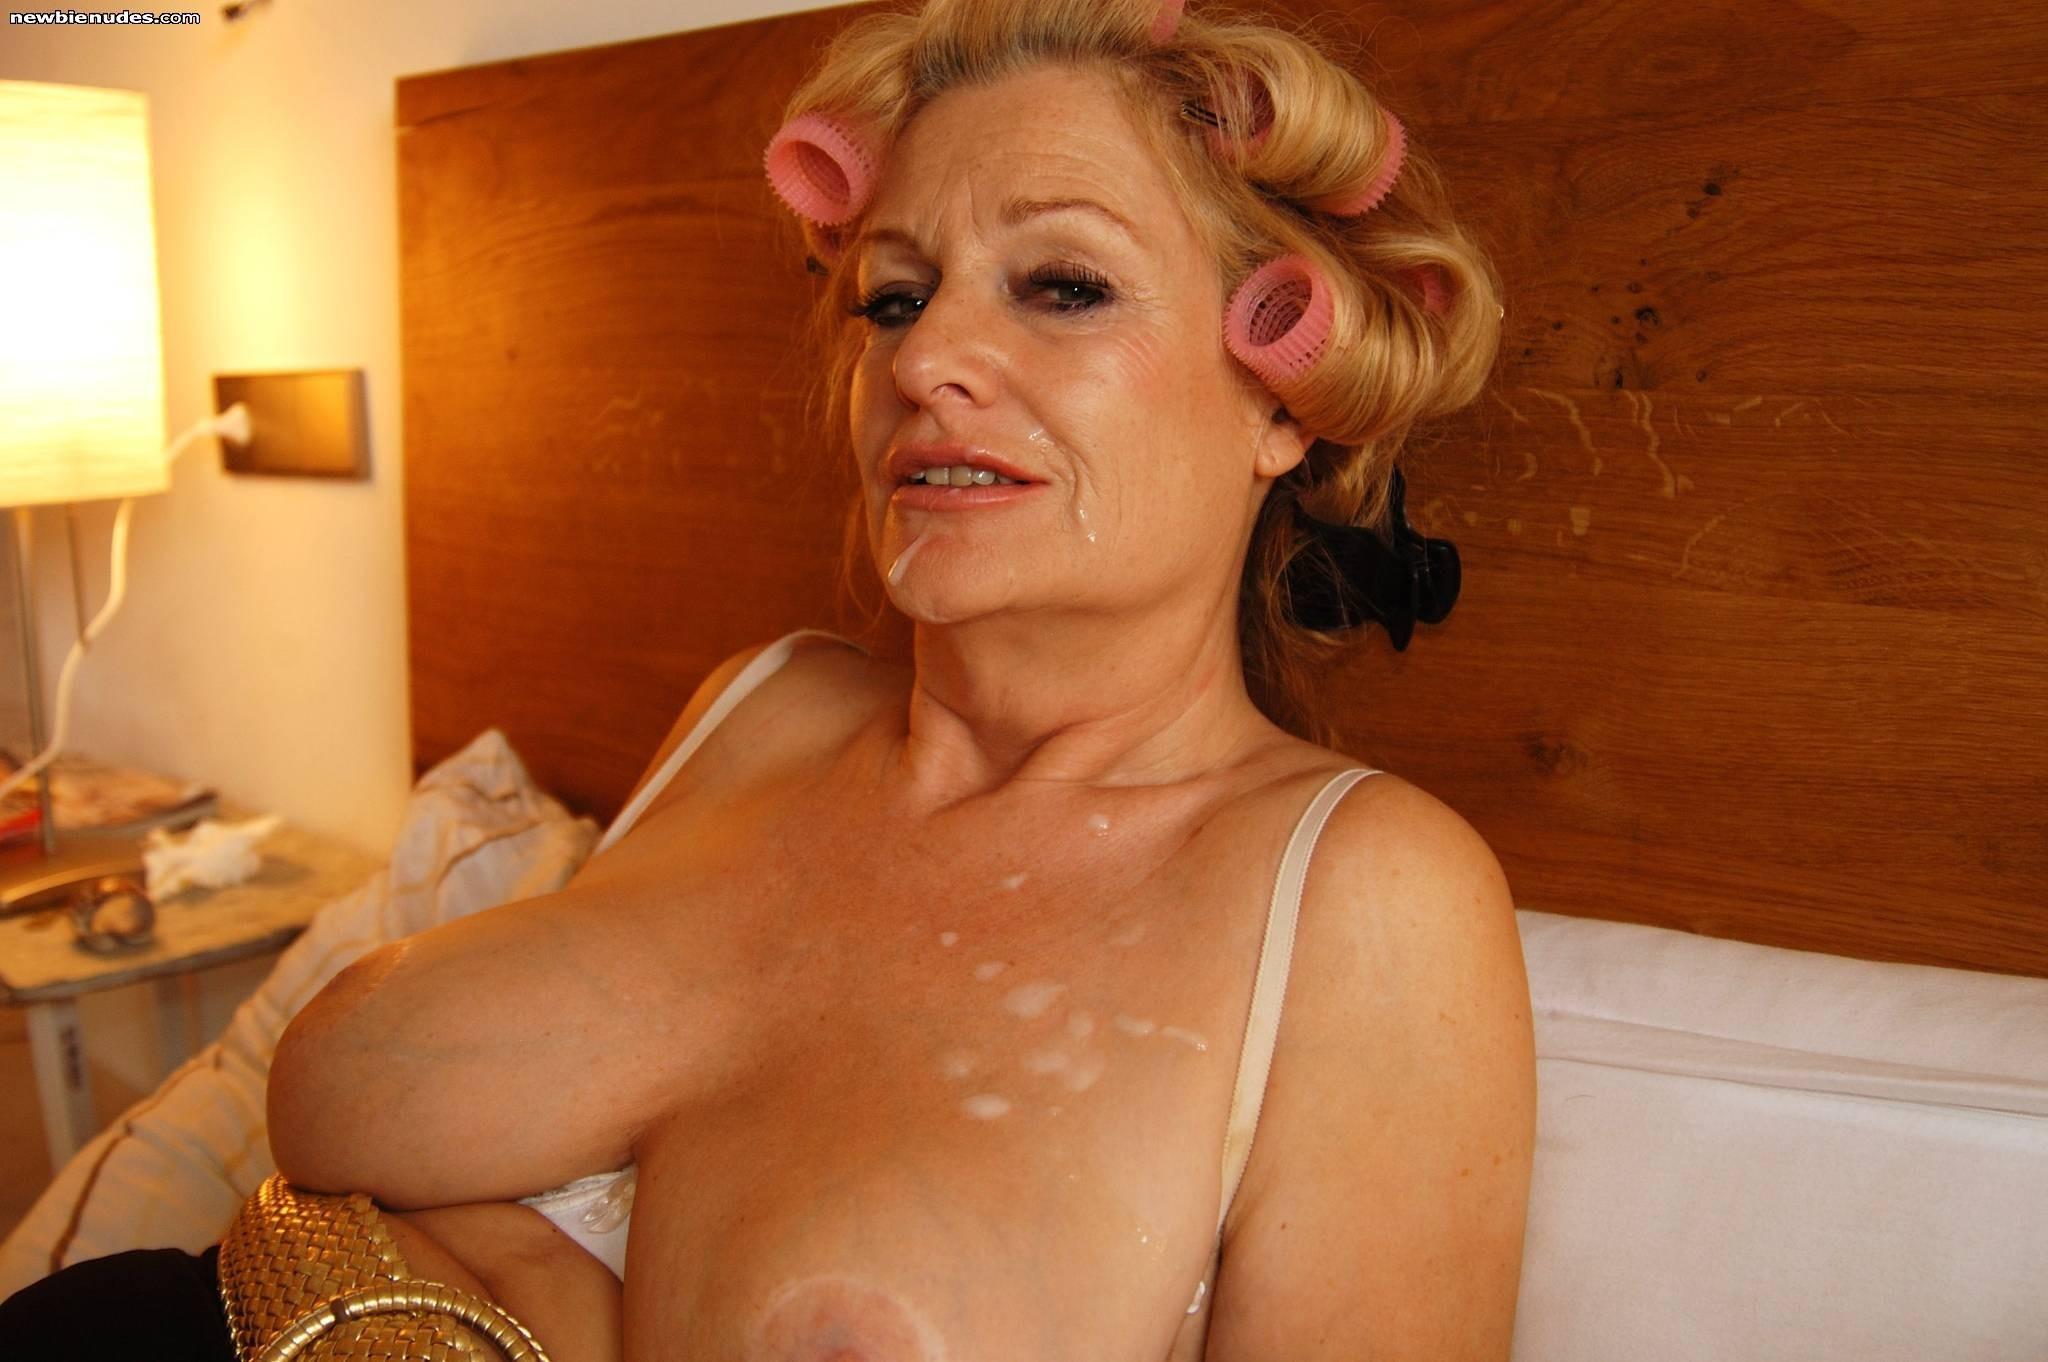 older lady porn image 116141